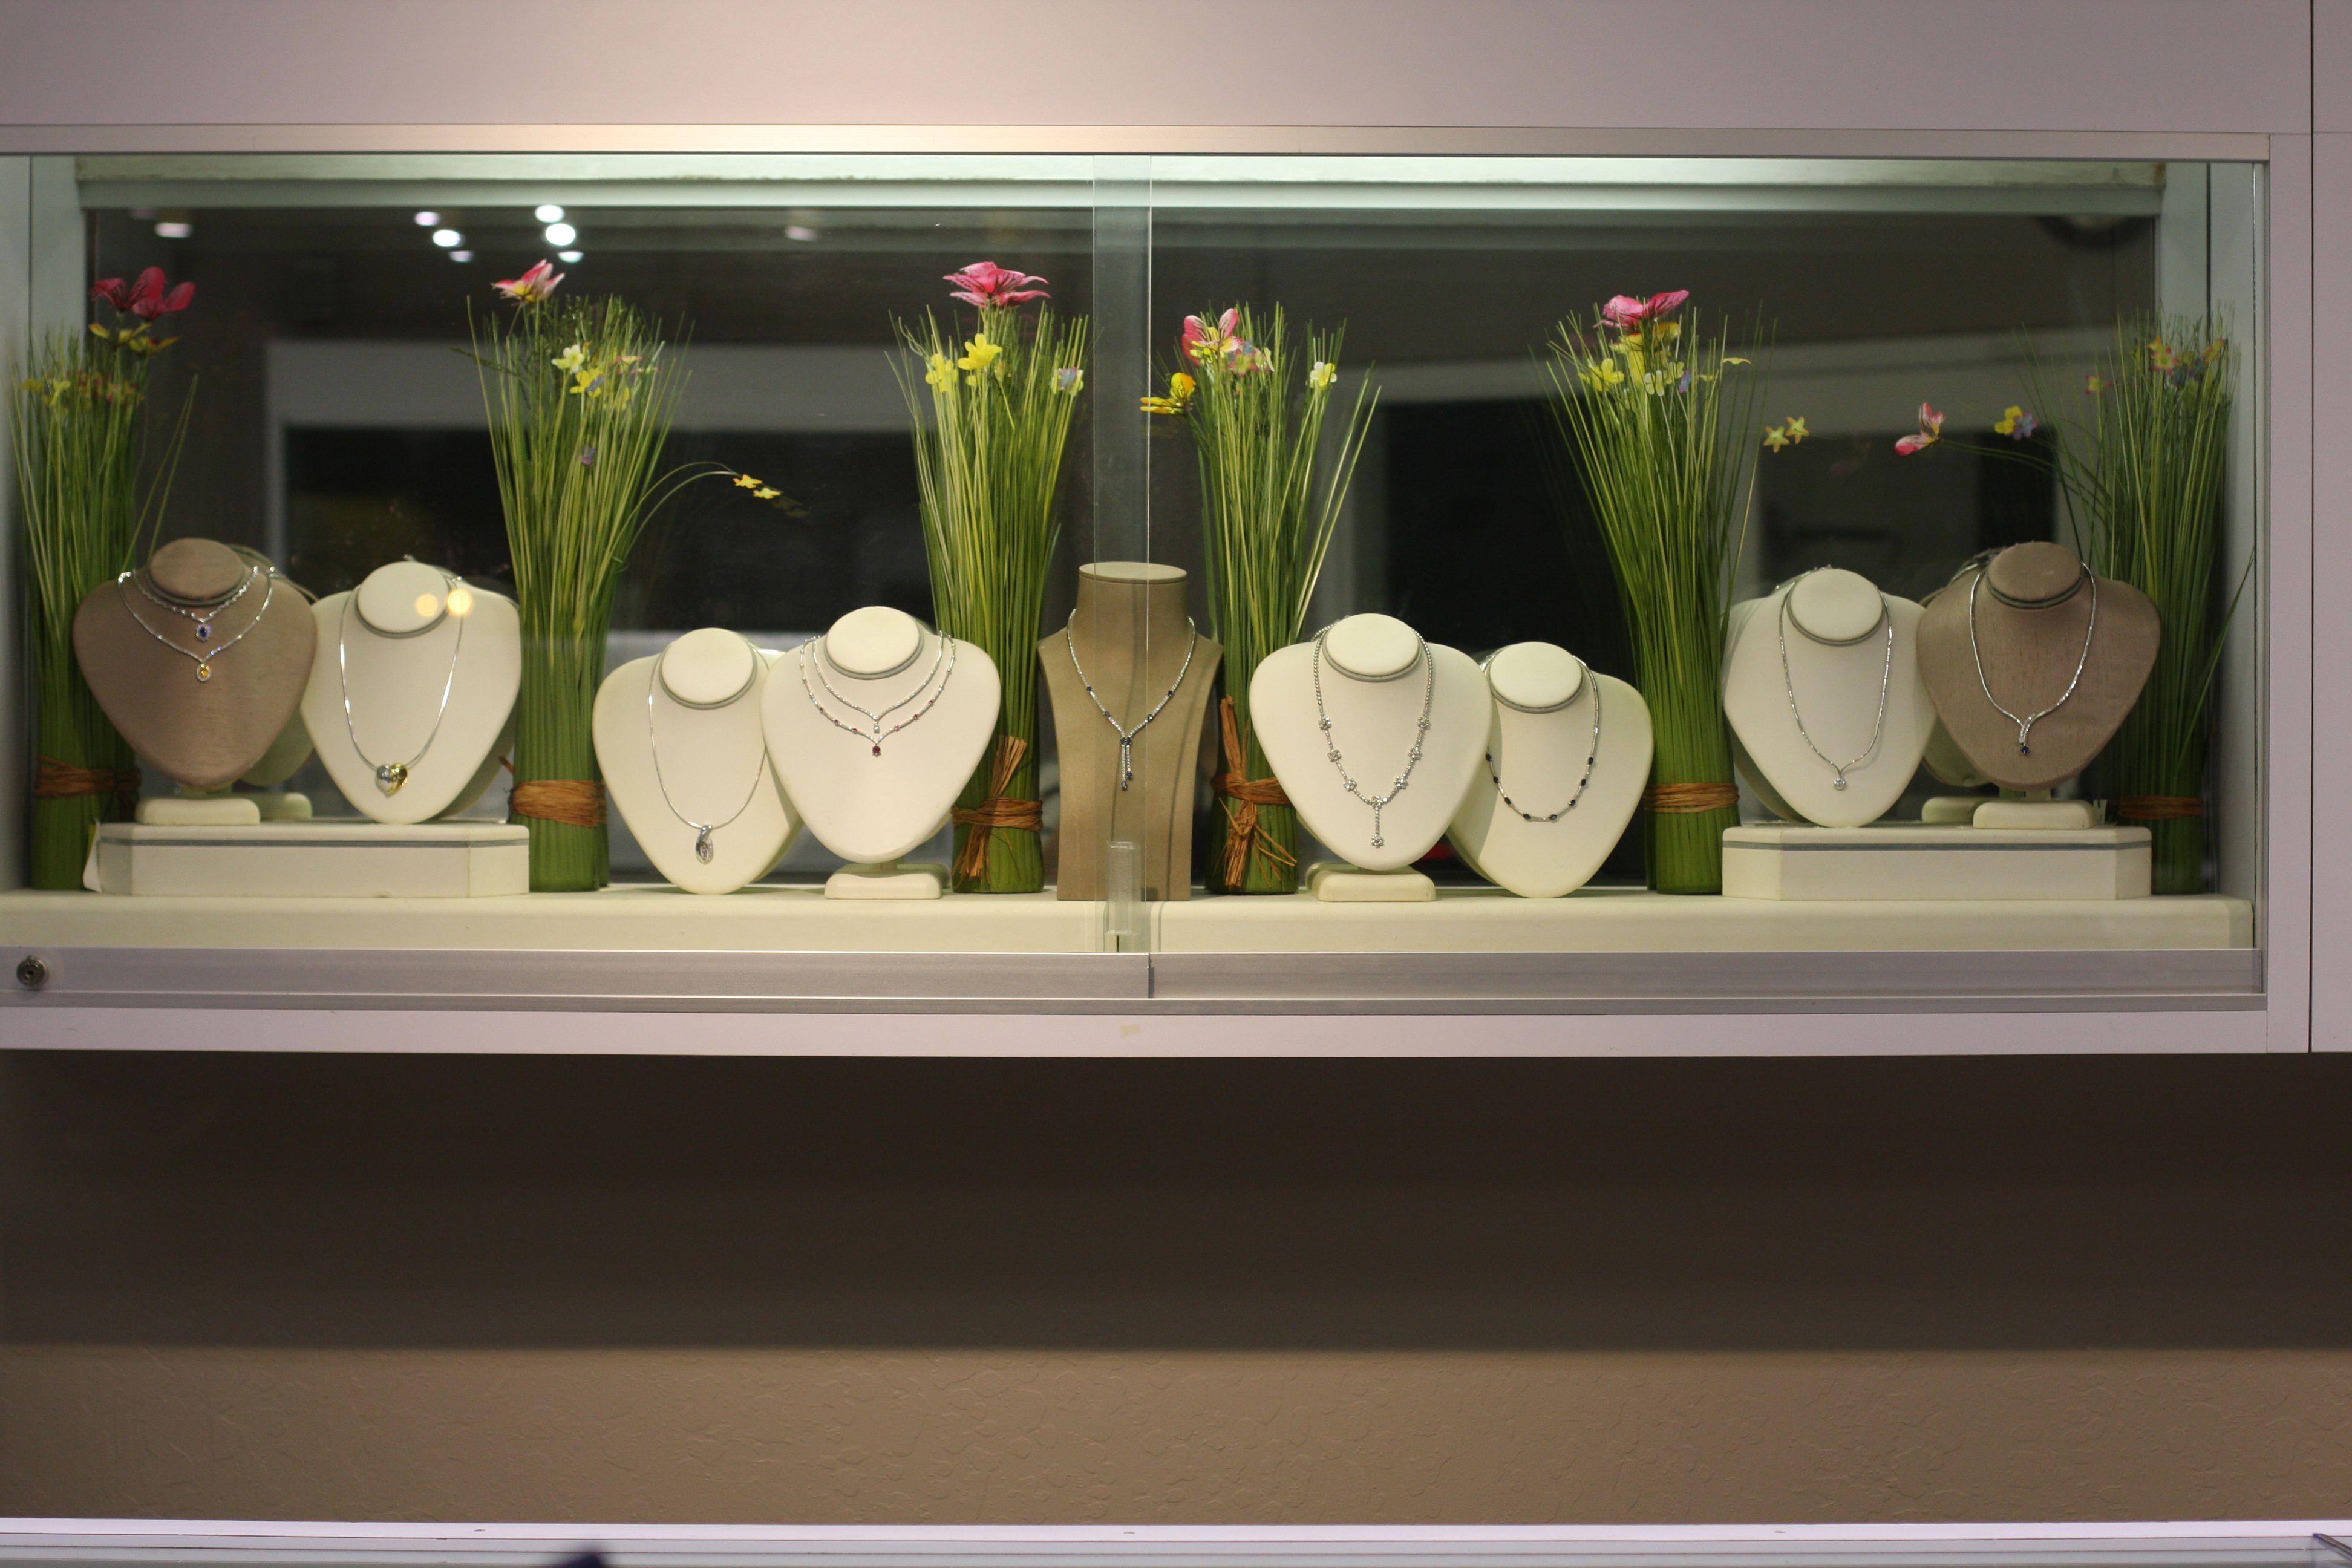 Window display ideas for jewelry  fine jewelry window display  gardening  pinterest  display